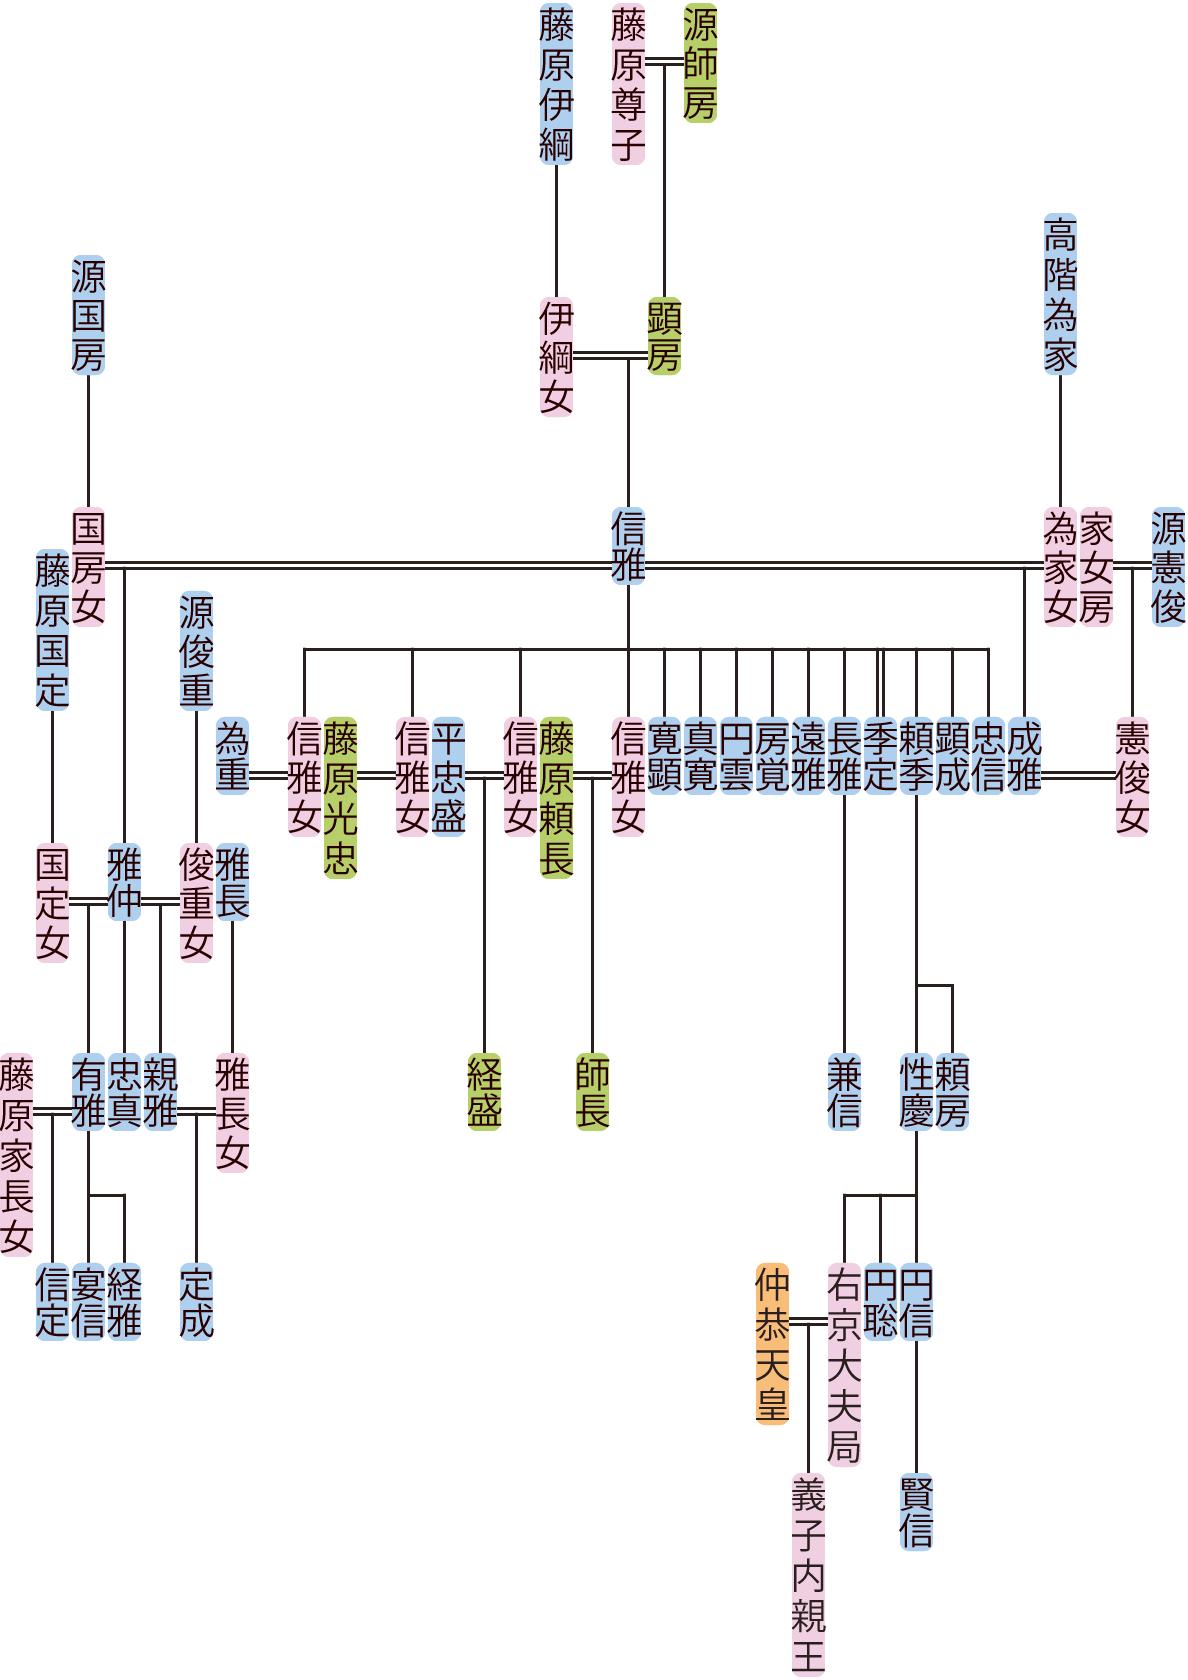 源信雅・雅仲の系図